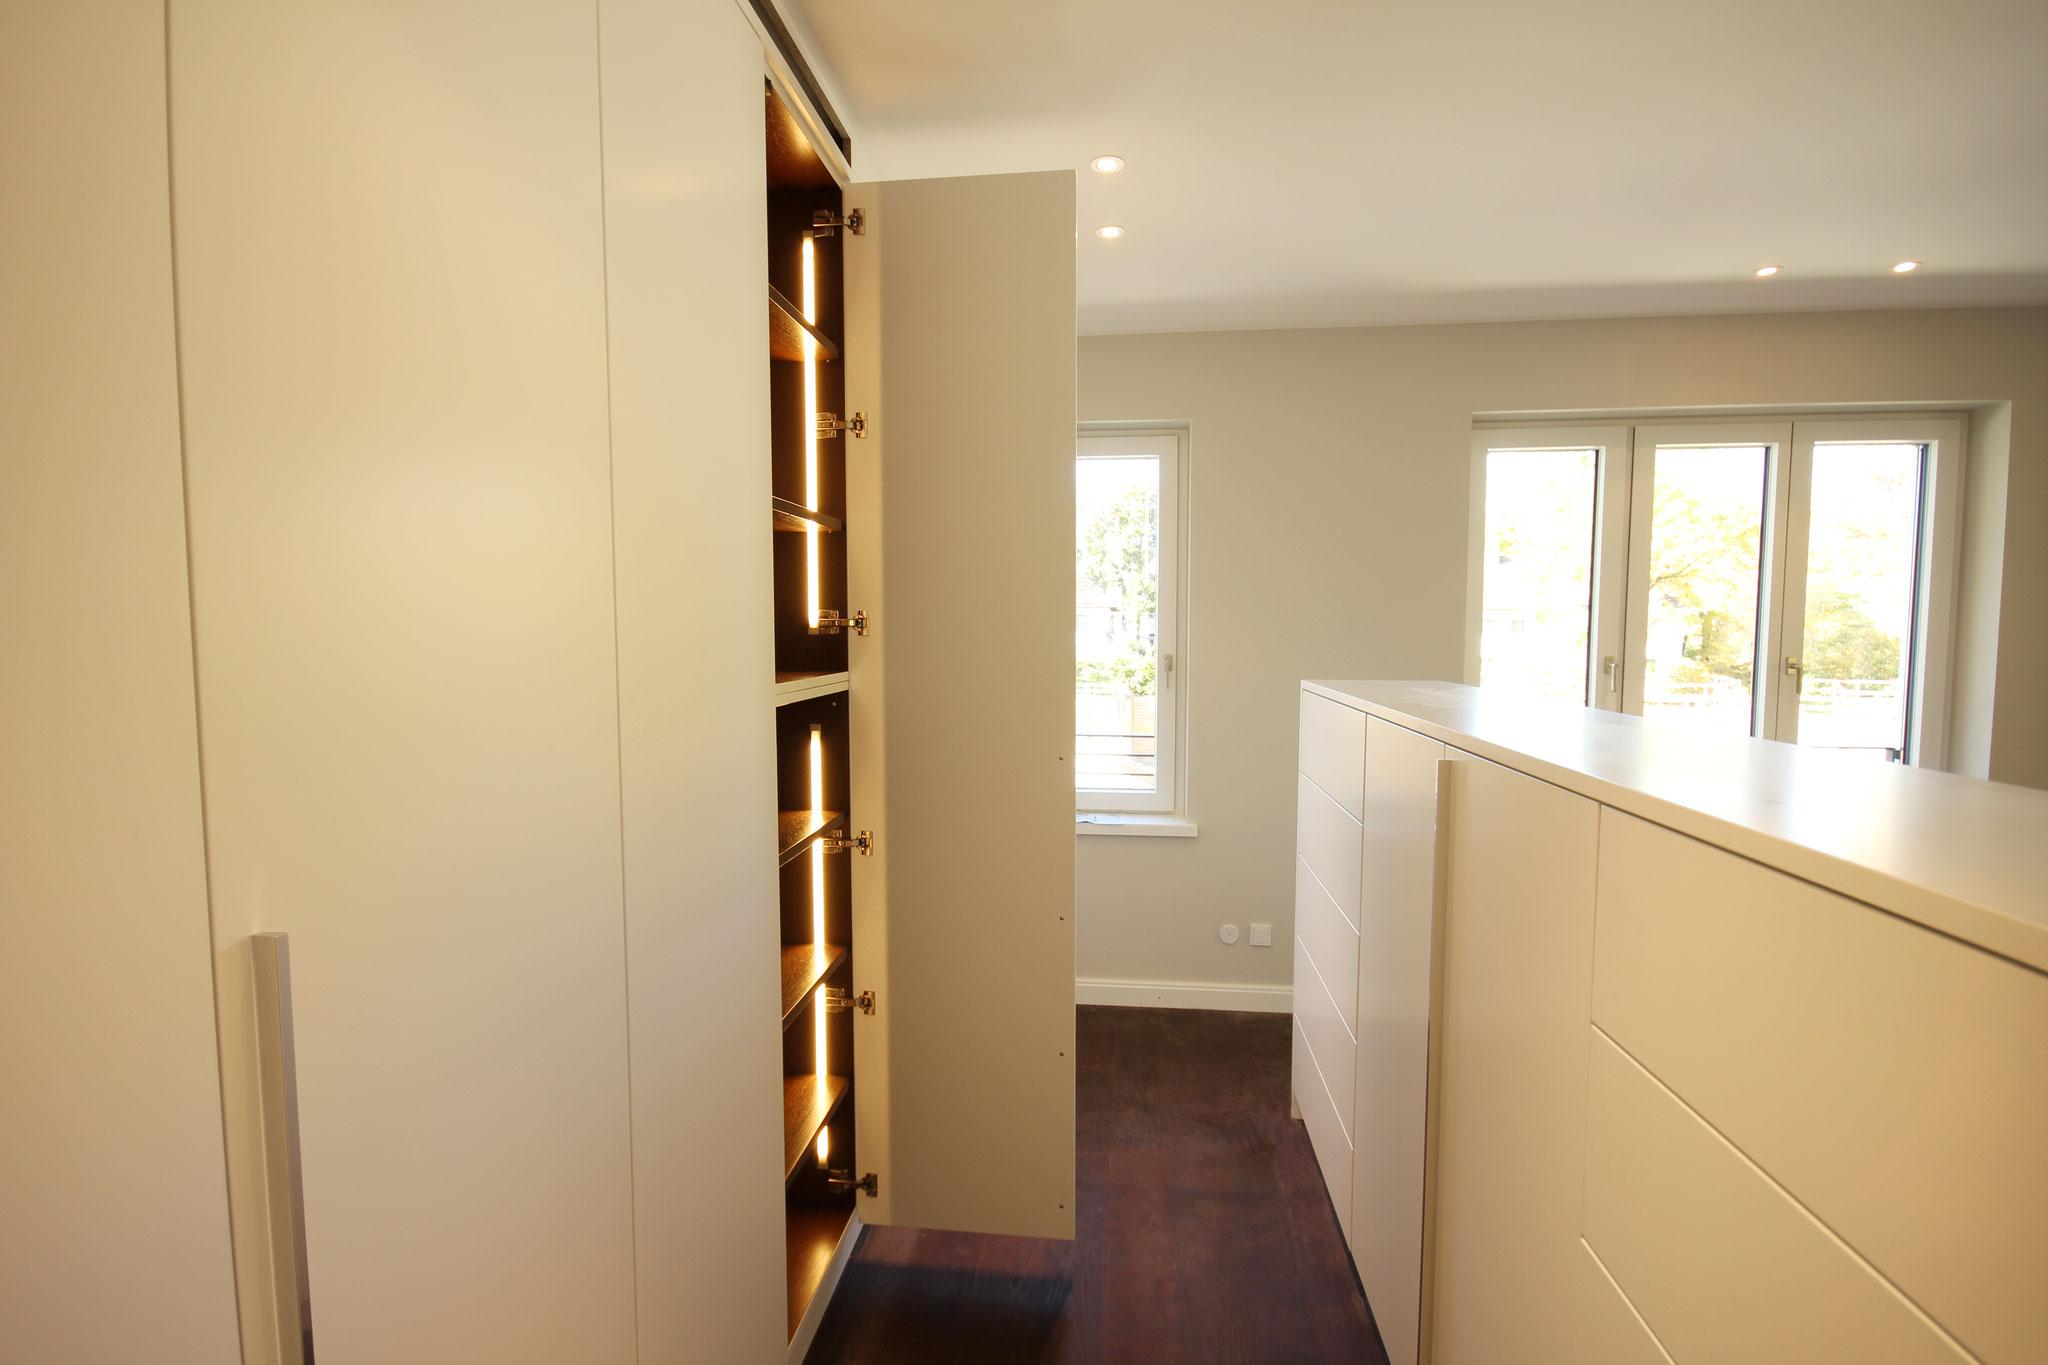 Einbauschrank Wohnung 2